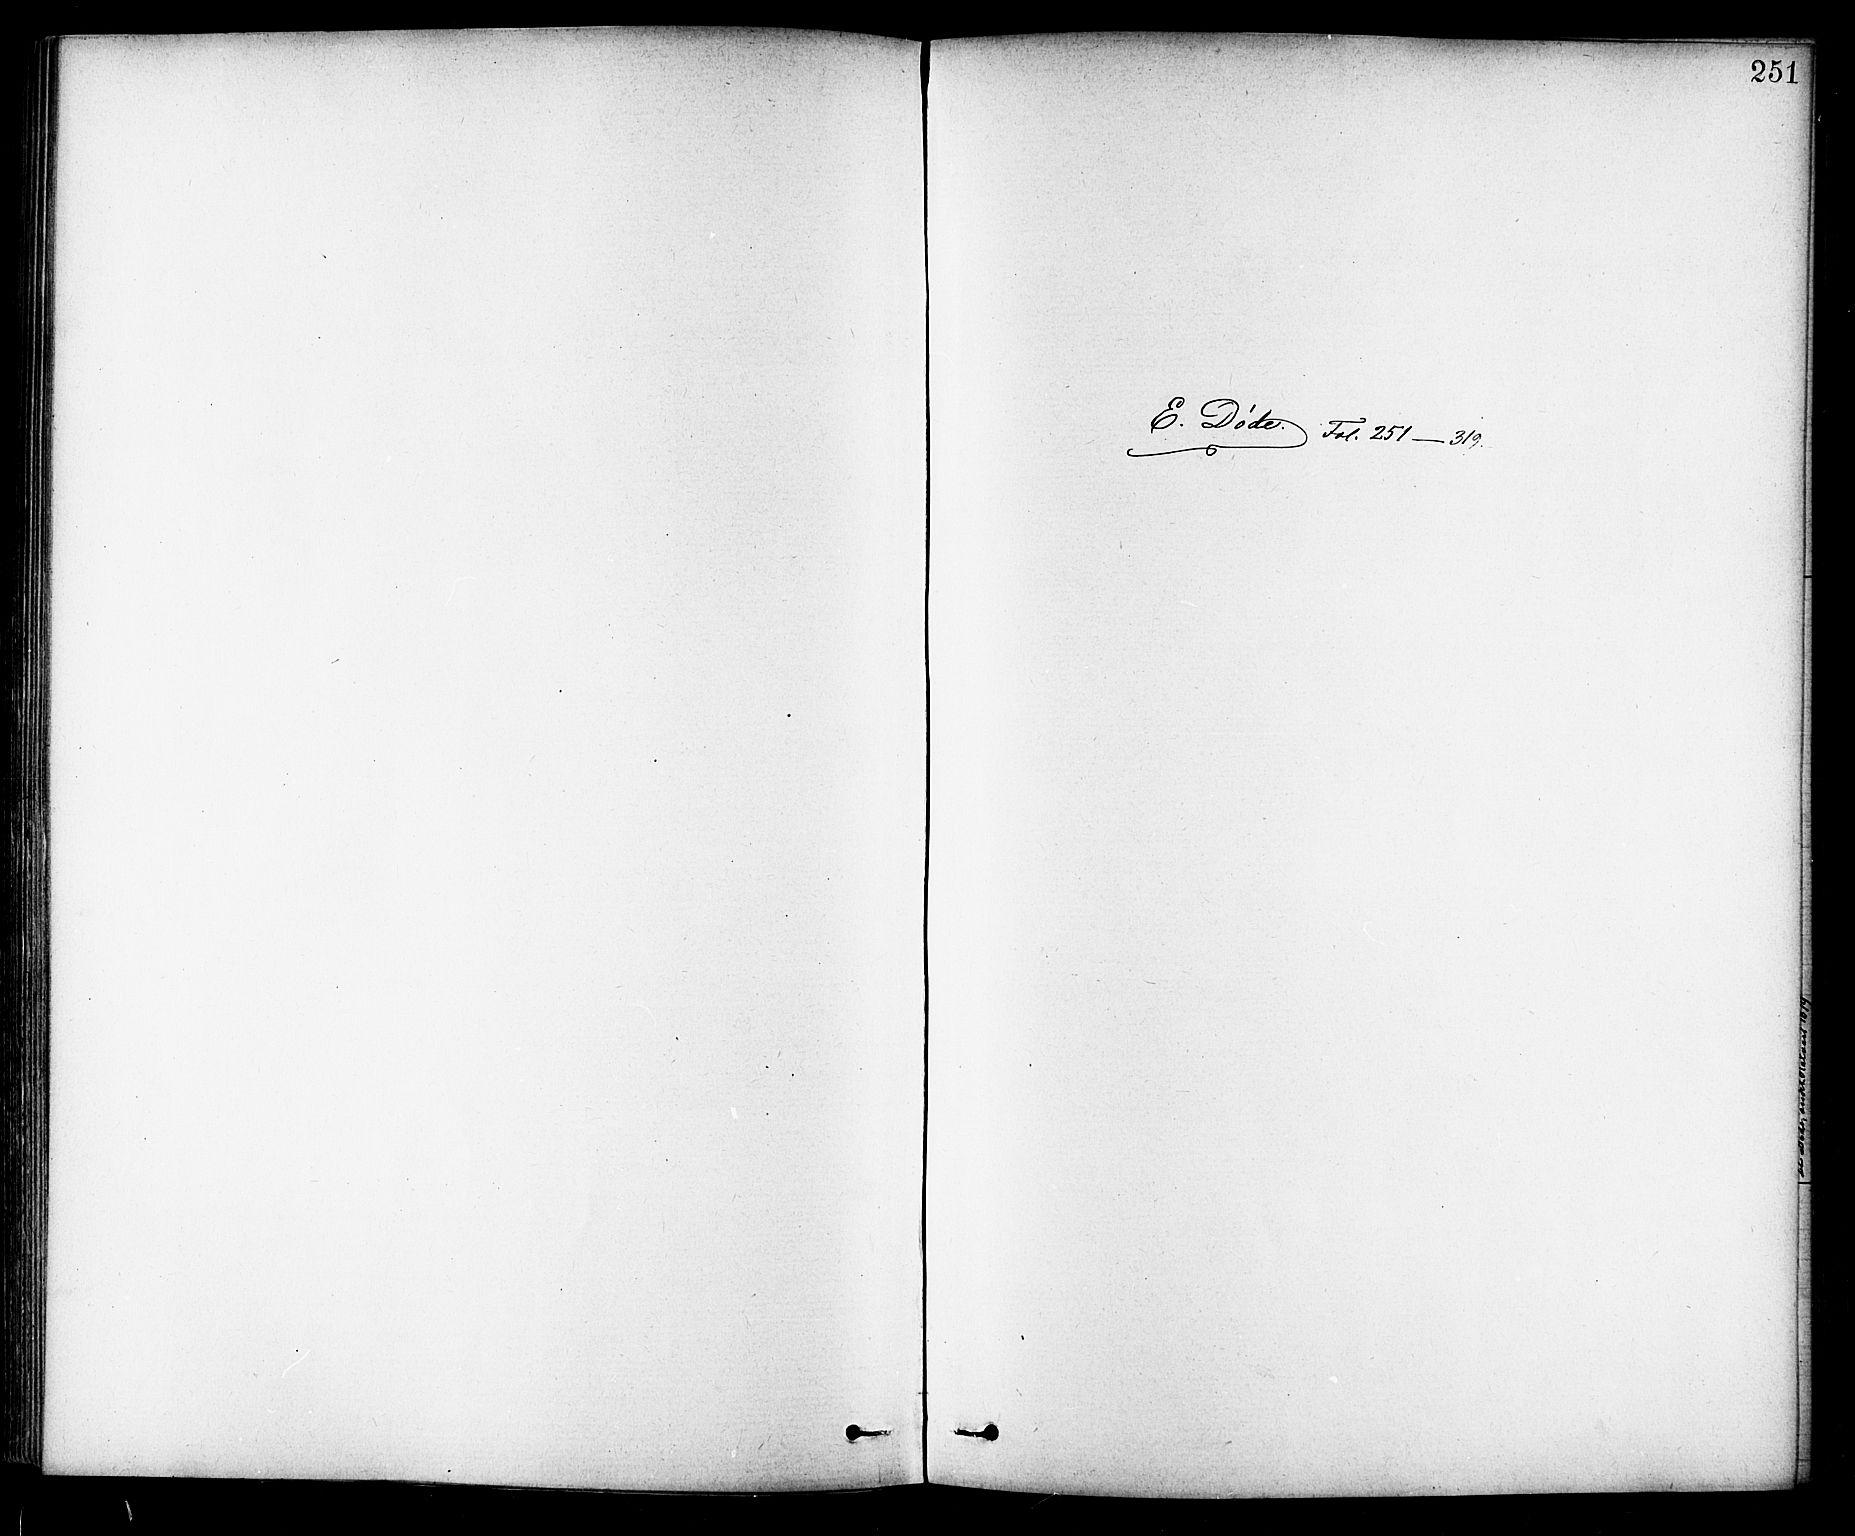 SAT, Ministerialprotokoller, klokkerbøker og fødselsregistre - Sør-Trøndelag, 691/L1094: Klokkerbok nr. 691C05, 1879-1911, s. 251